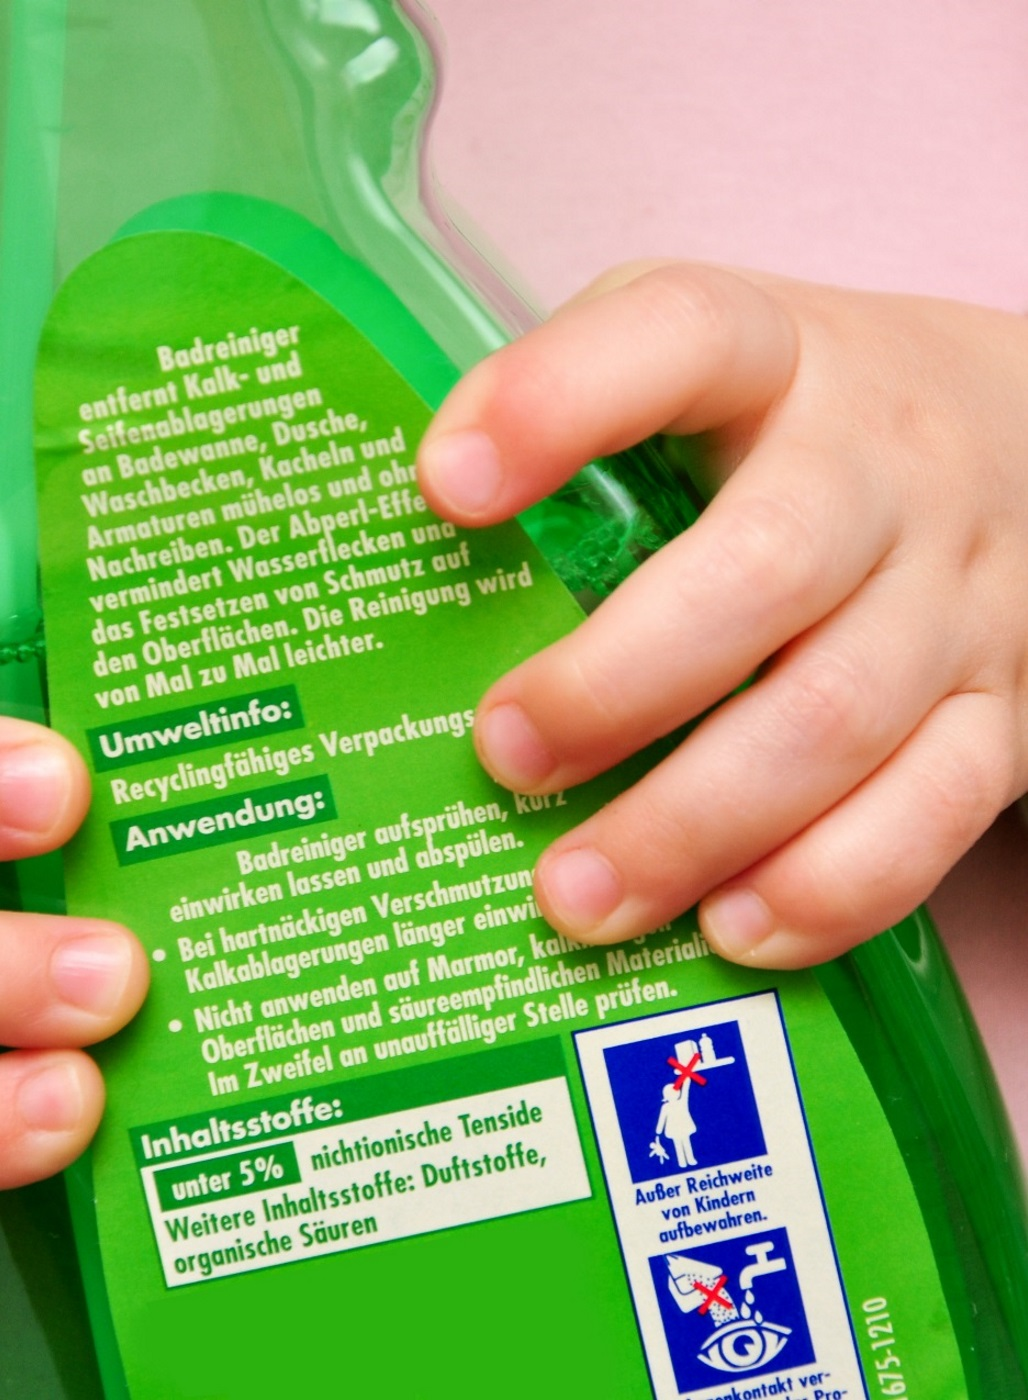 Kind hält einen Badreiniger in der Hand.